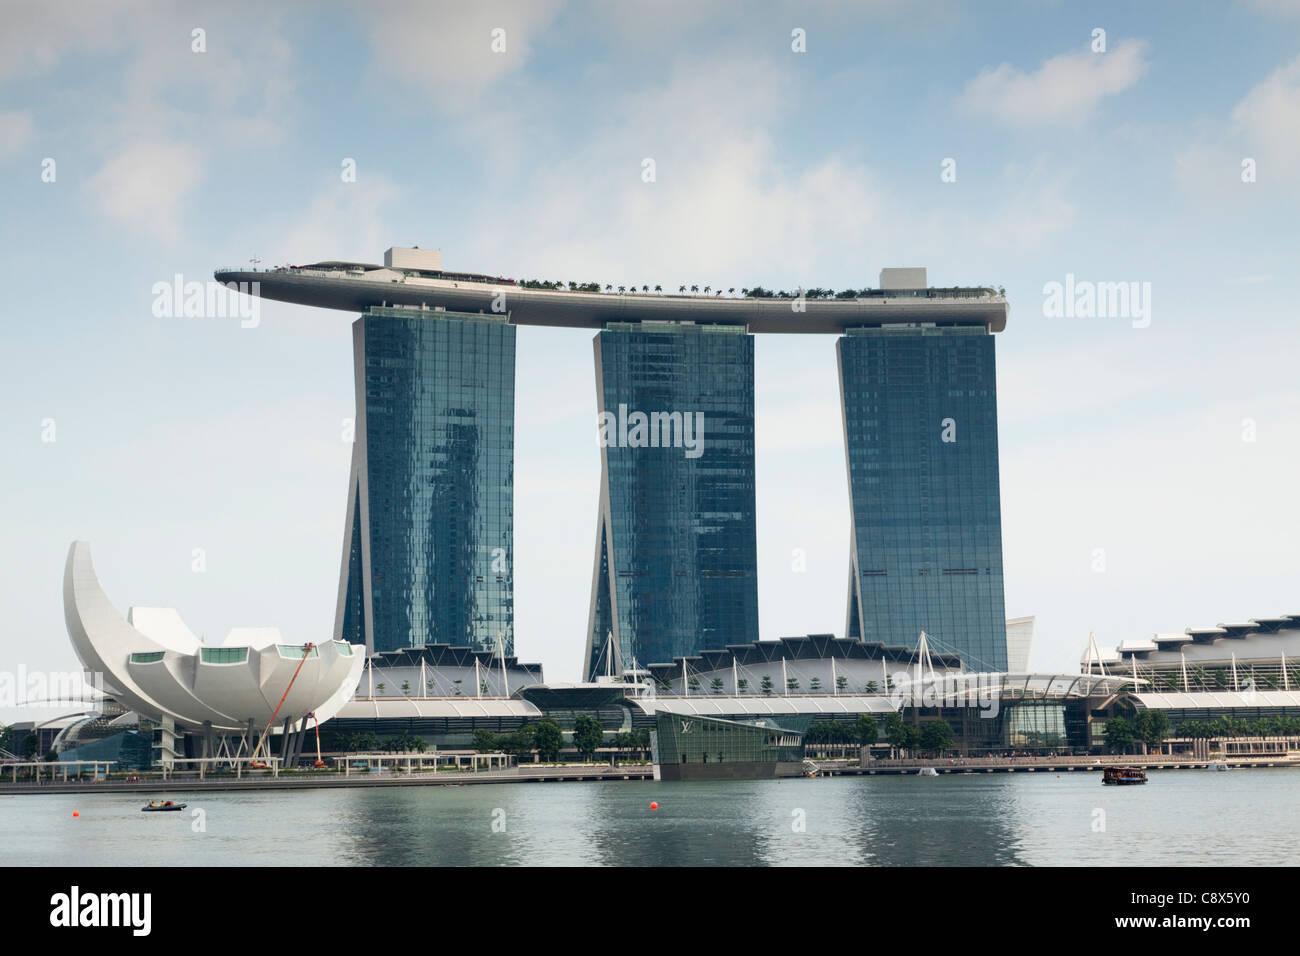 Marina Bay Sands Hotel, Singapore - Stock Image